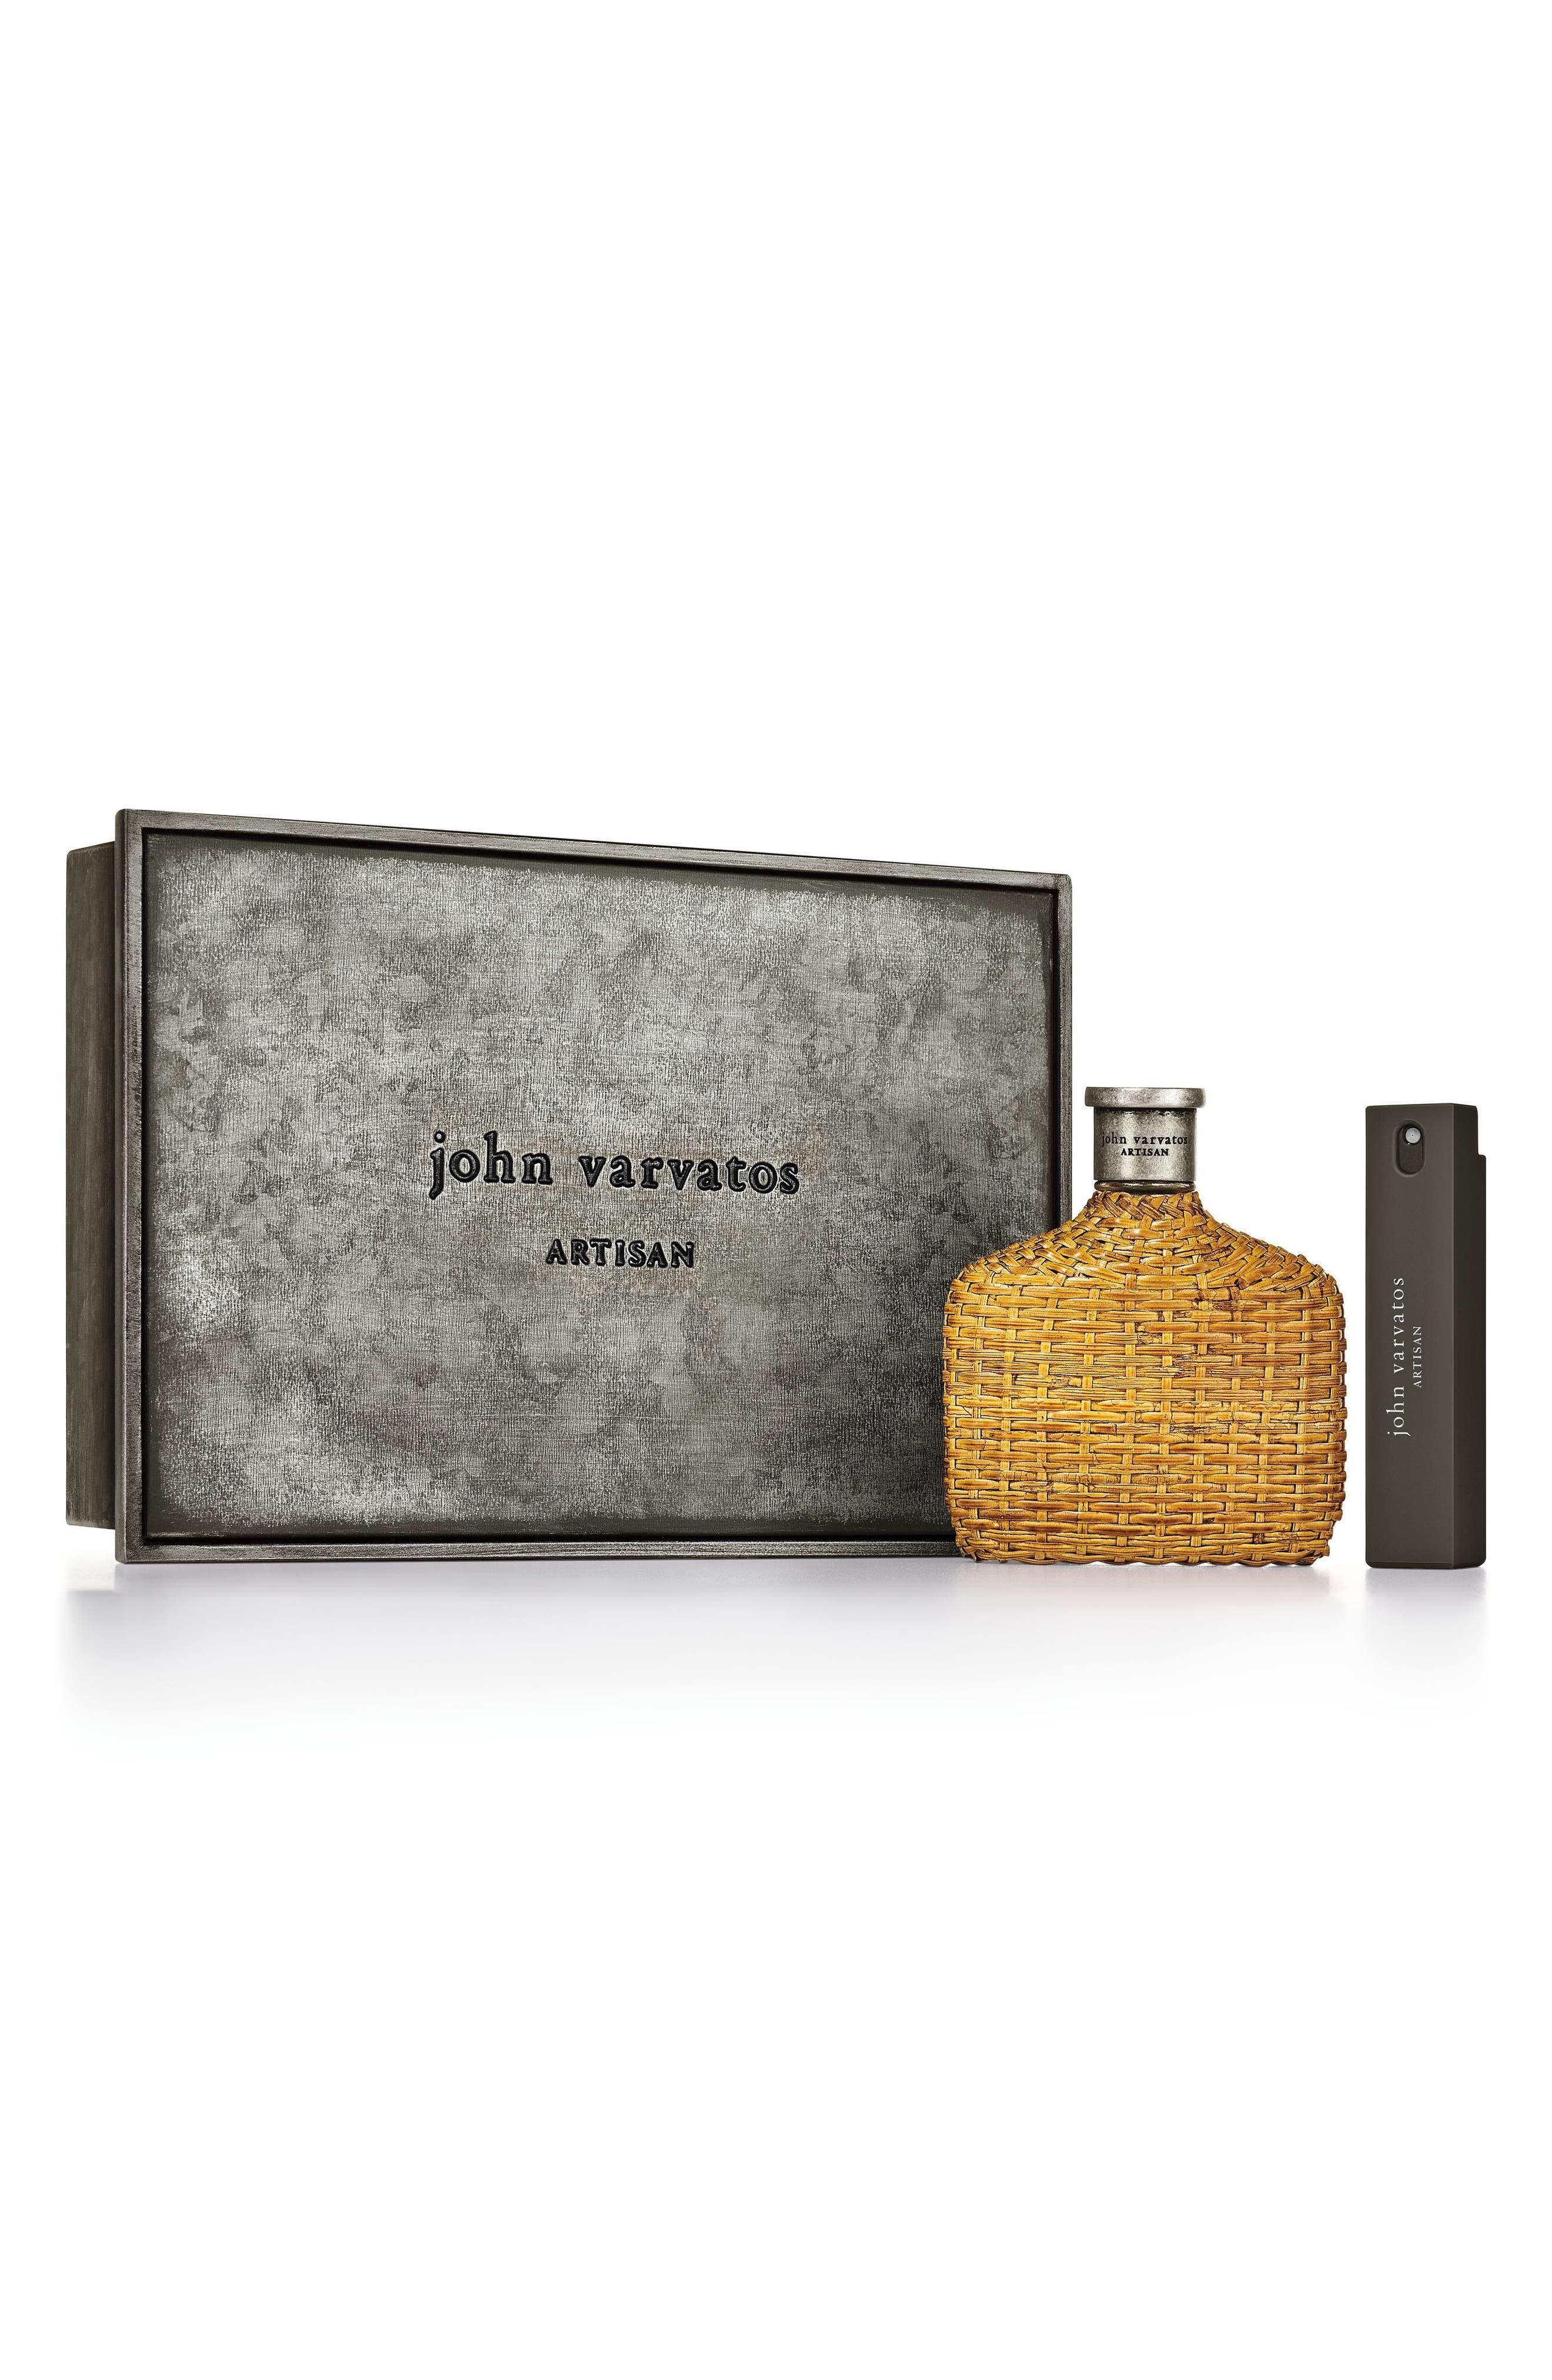 John Varvatos Artisan Eau de Toilette Set ($119 Value)